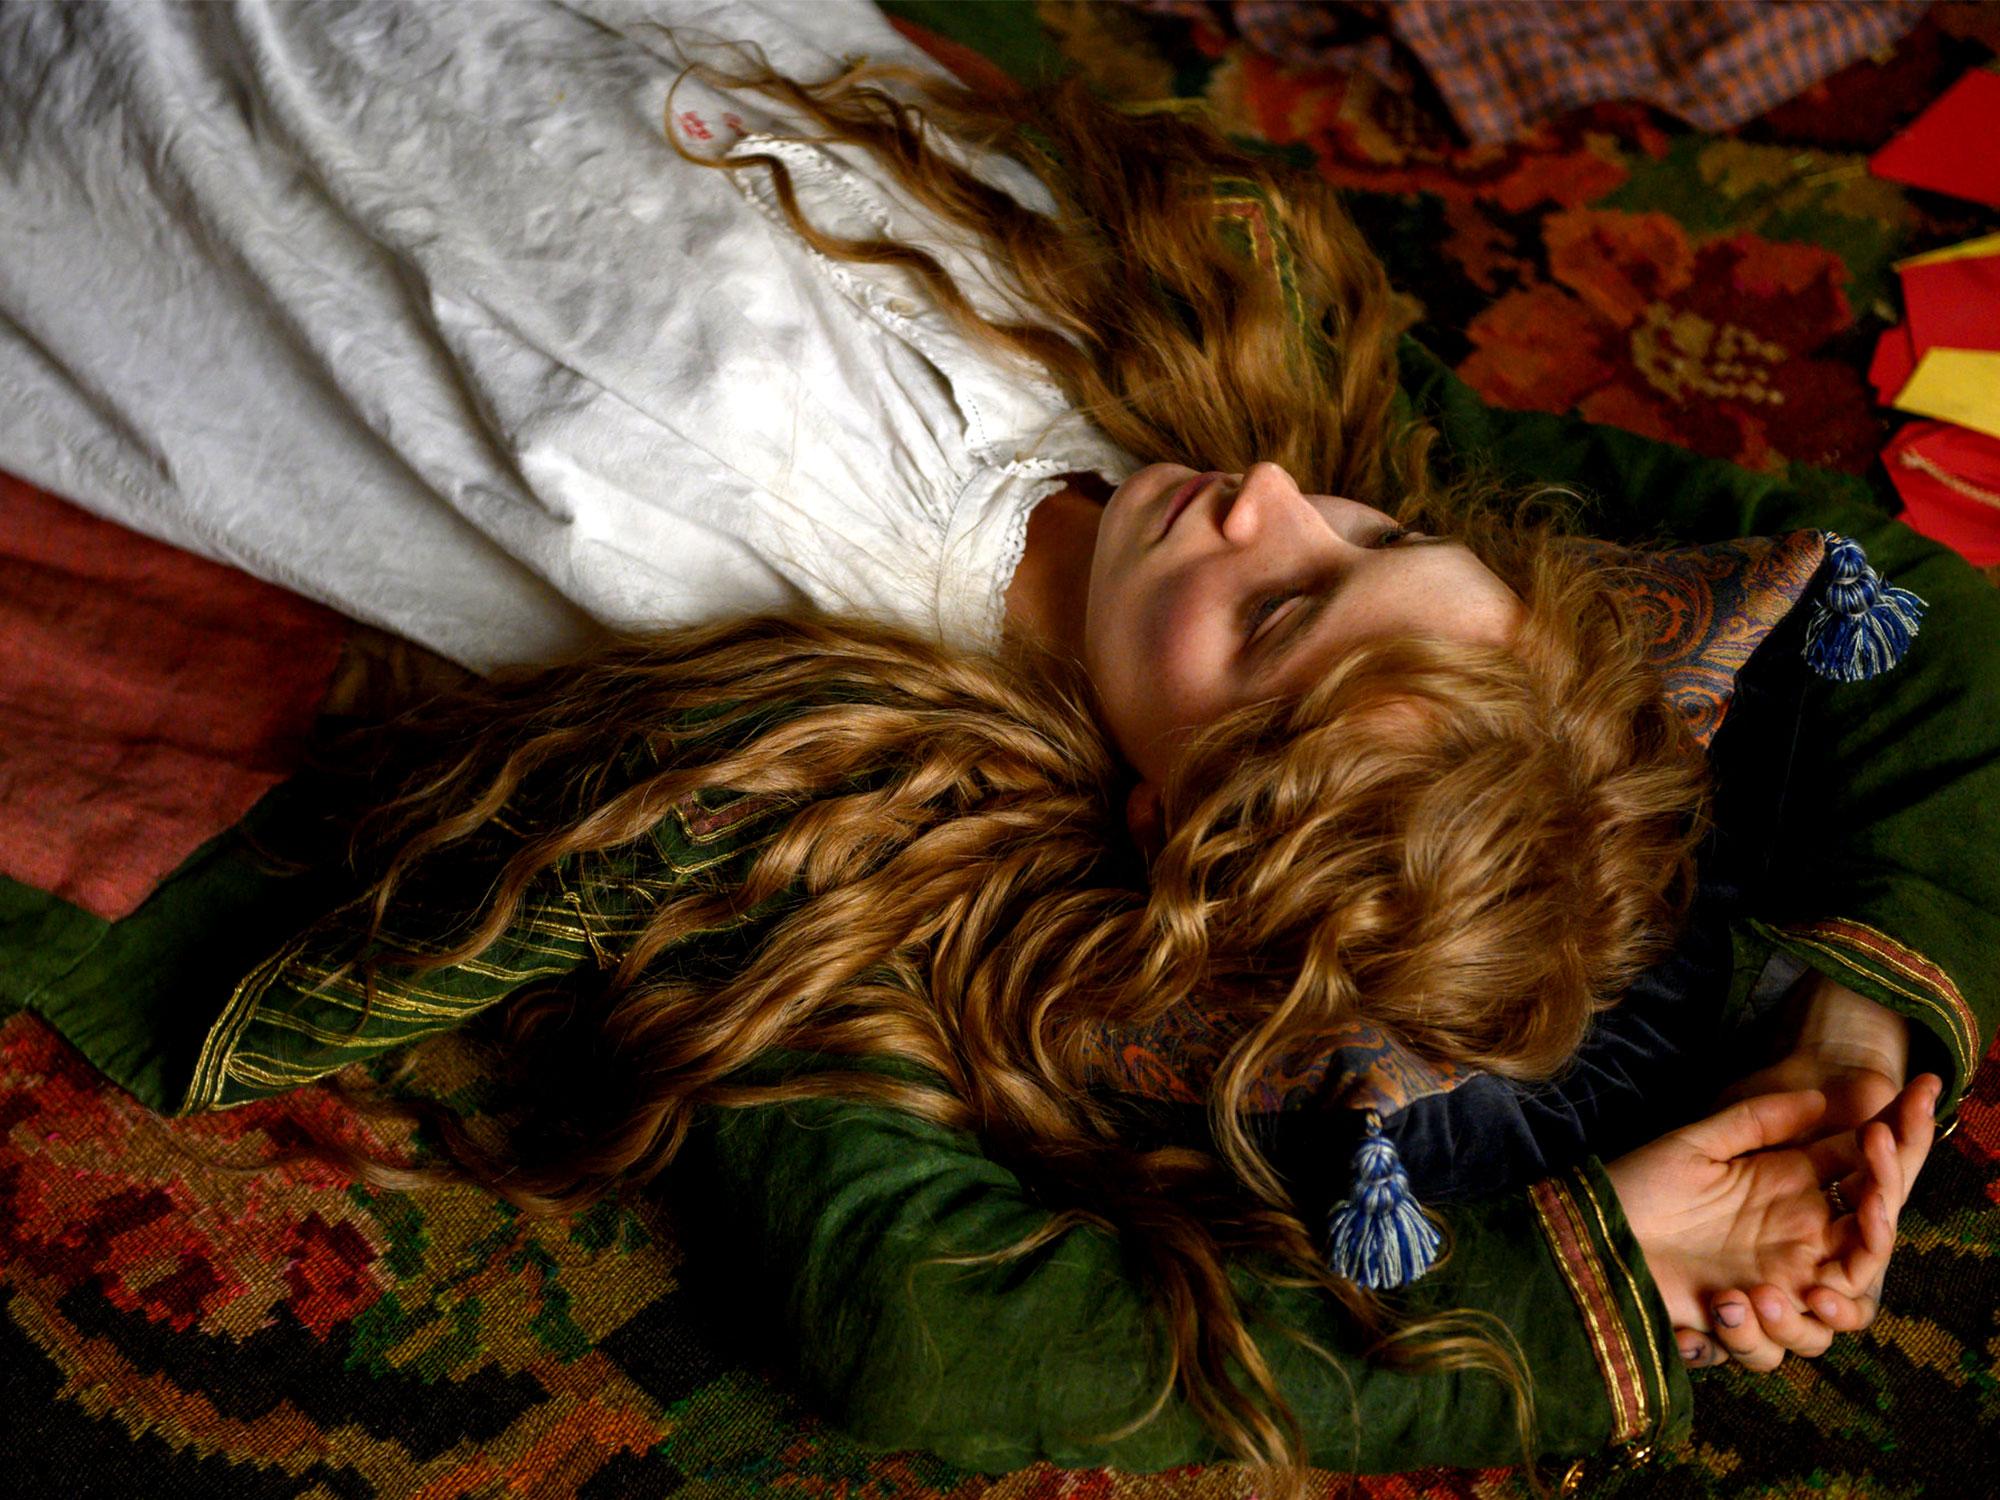 Saoirse Ronan in Little Women (2019)